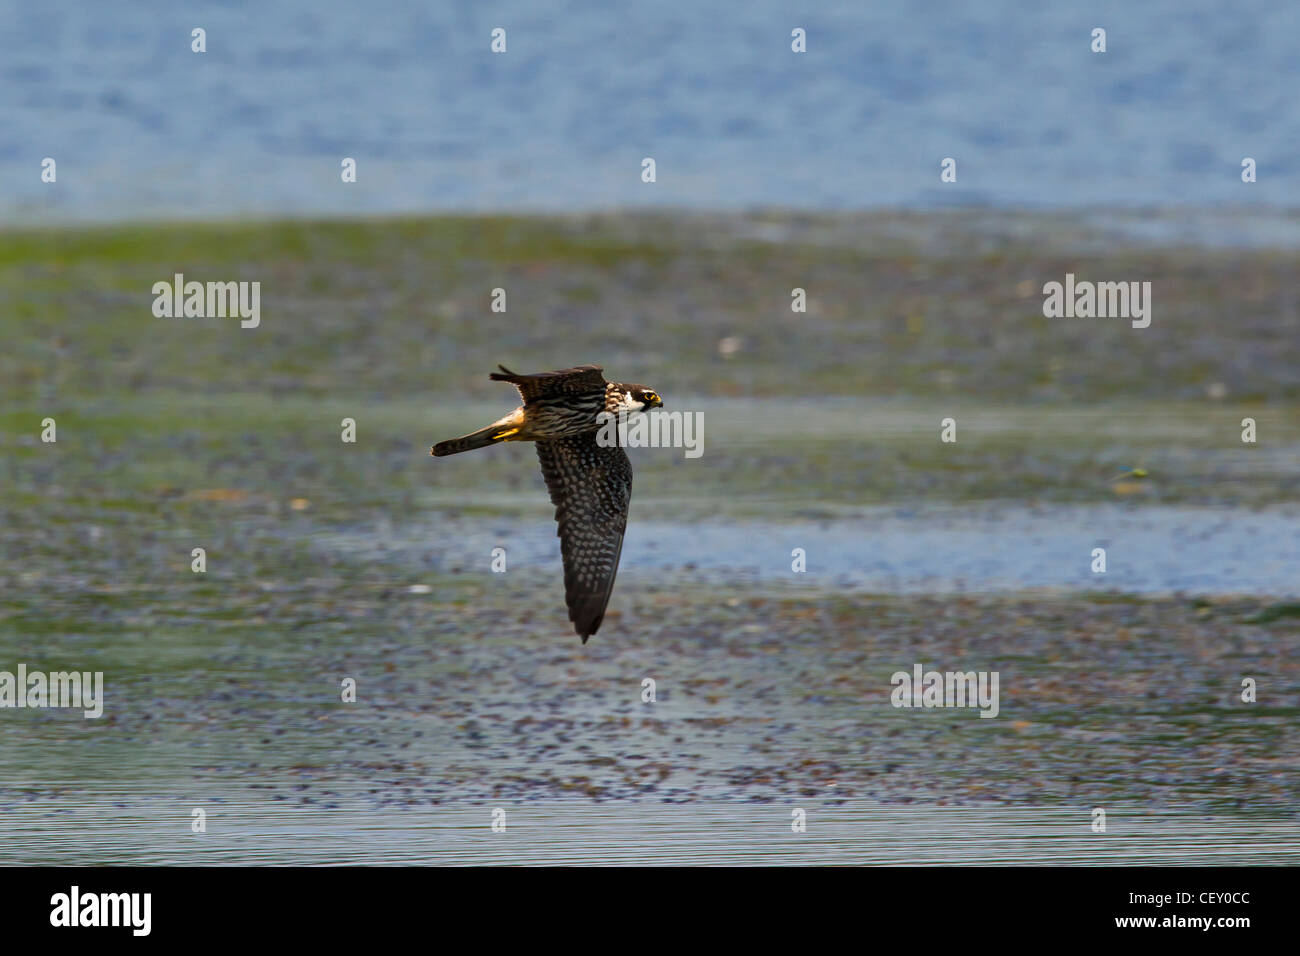 Eurasian Hobby (Falco subbuteo) chassant les libellules, au-dessus du lac, Allemagne Photo Stock